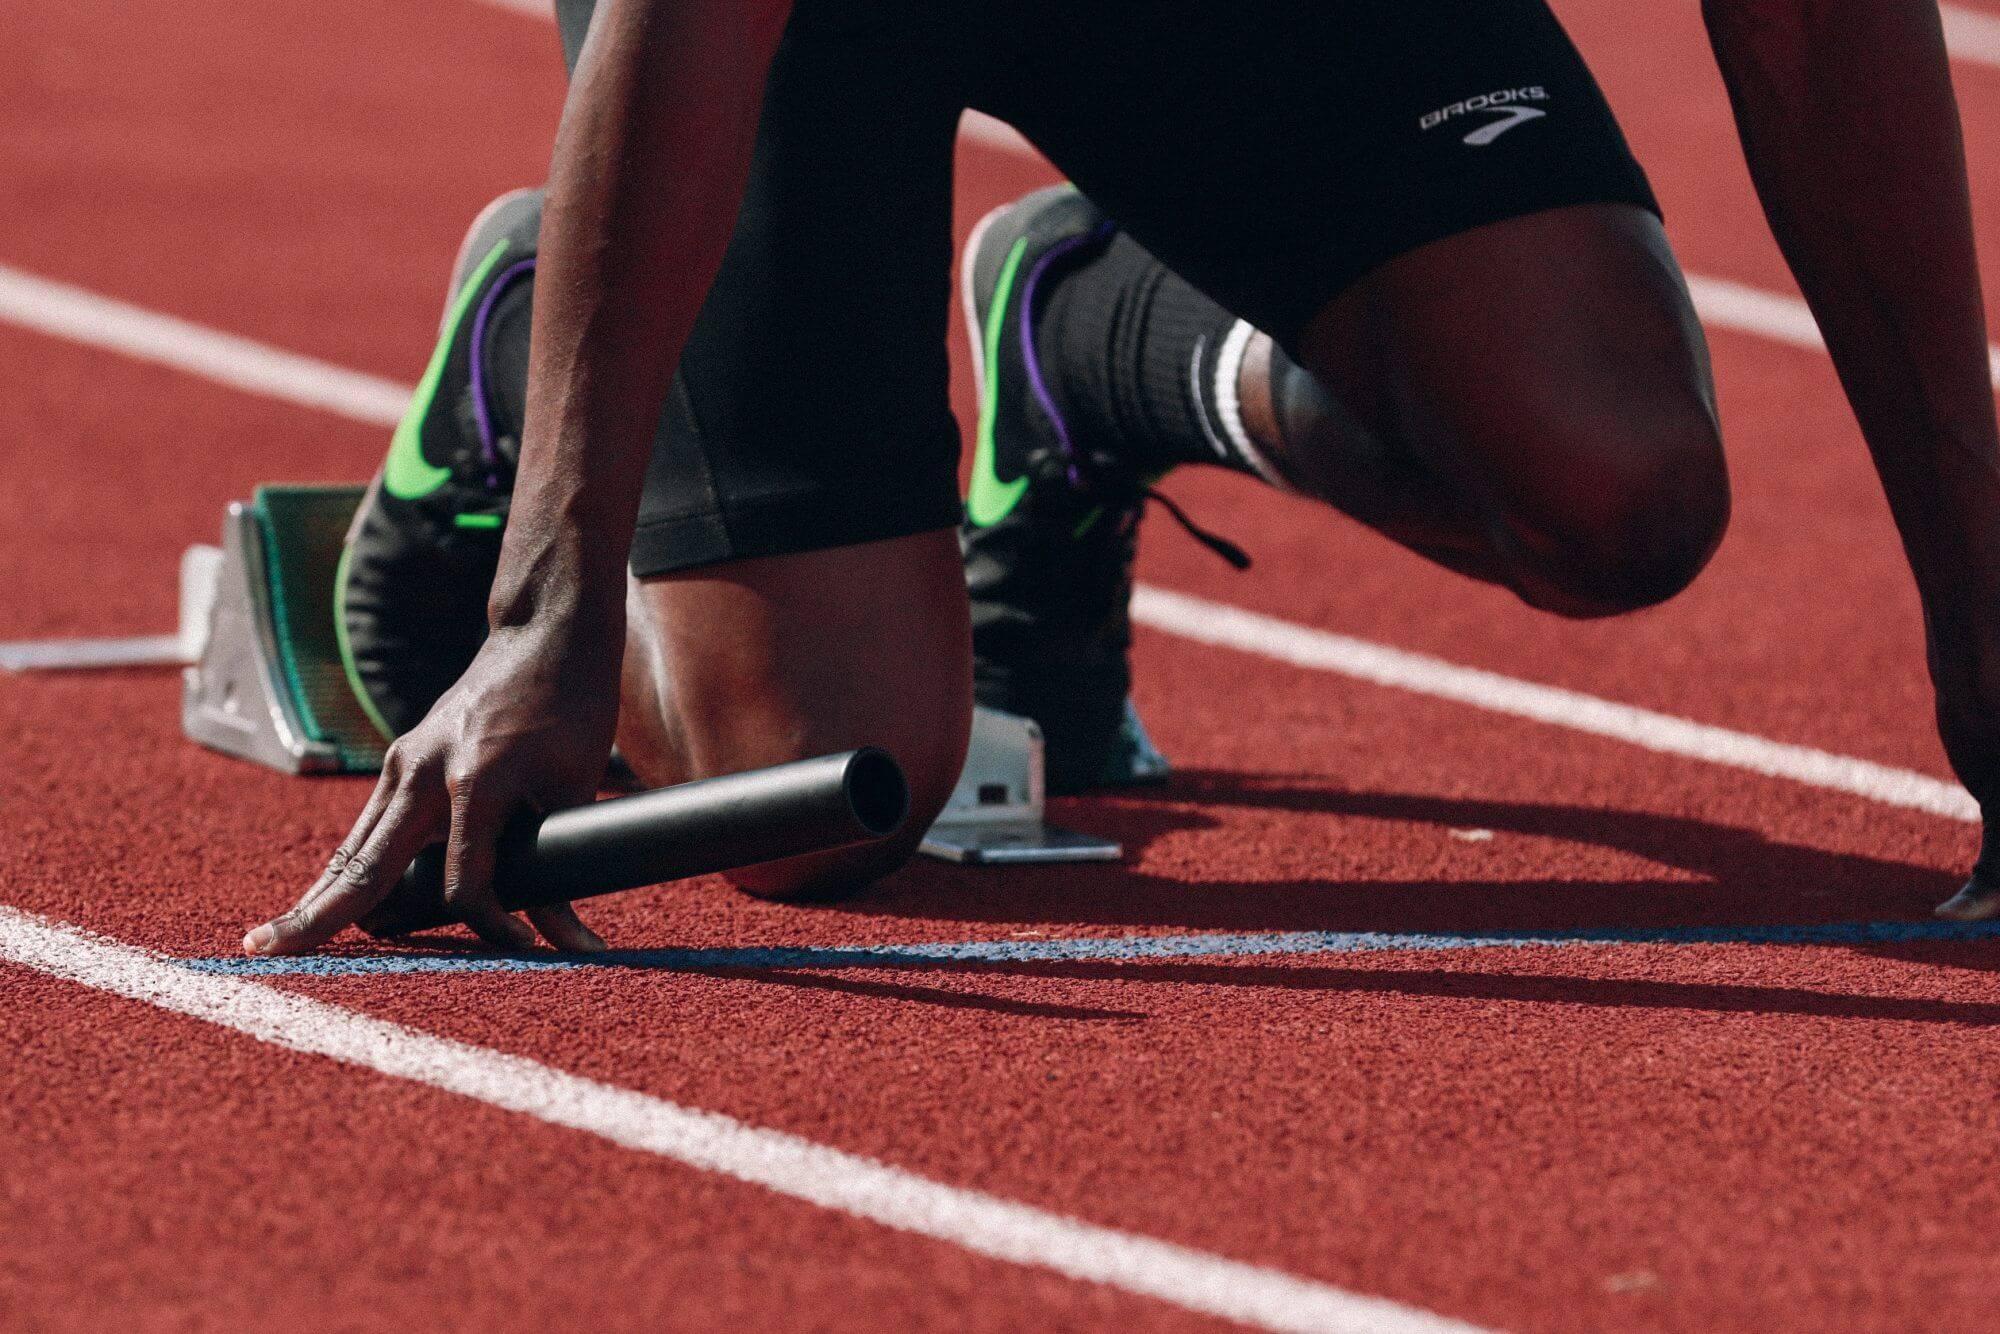 soin sportif aimant thérapeutique